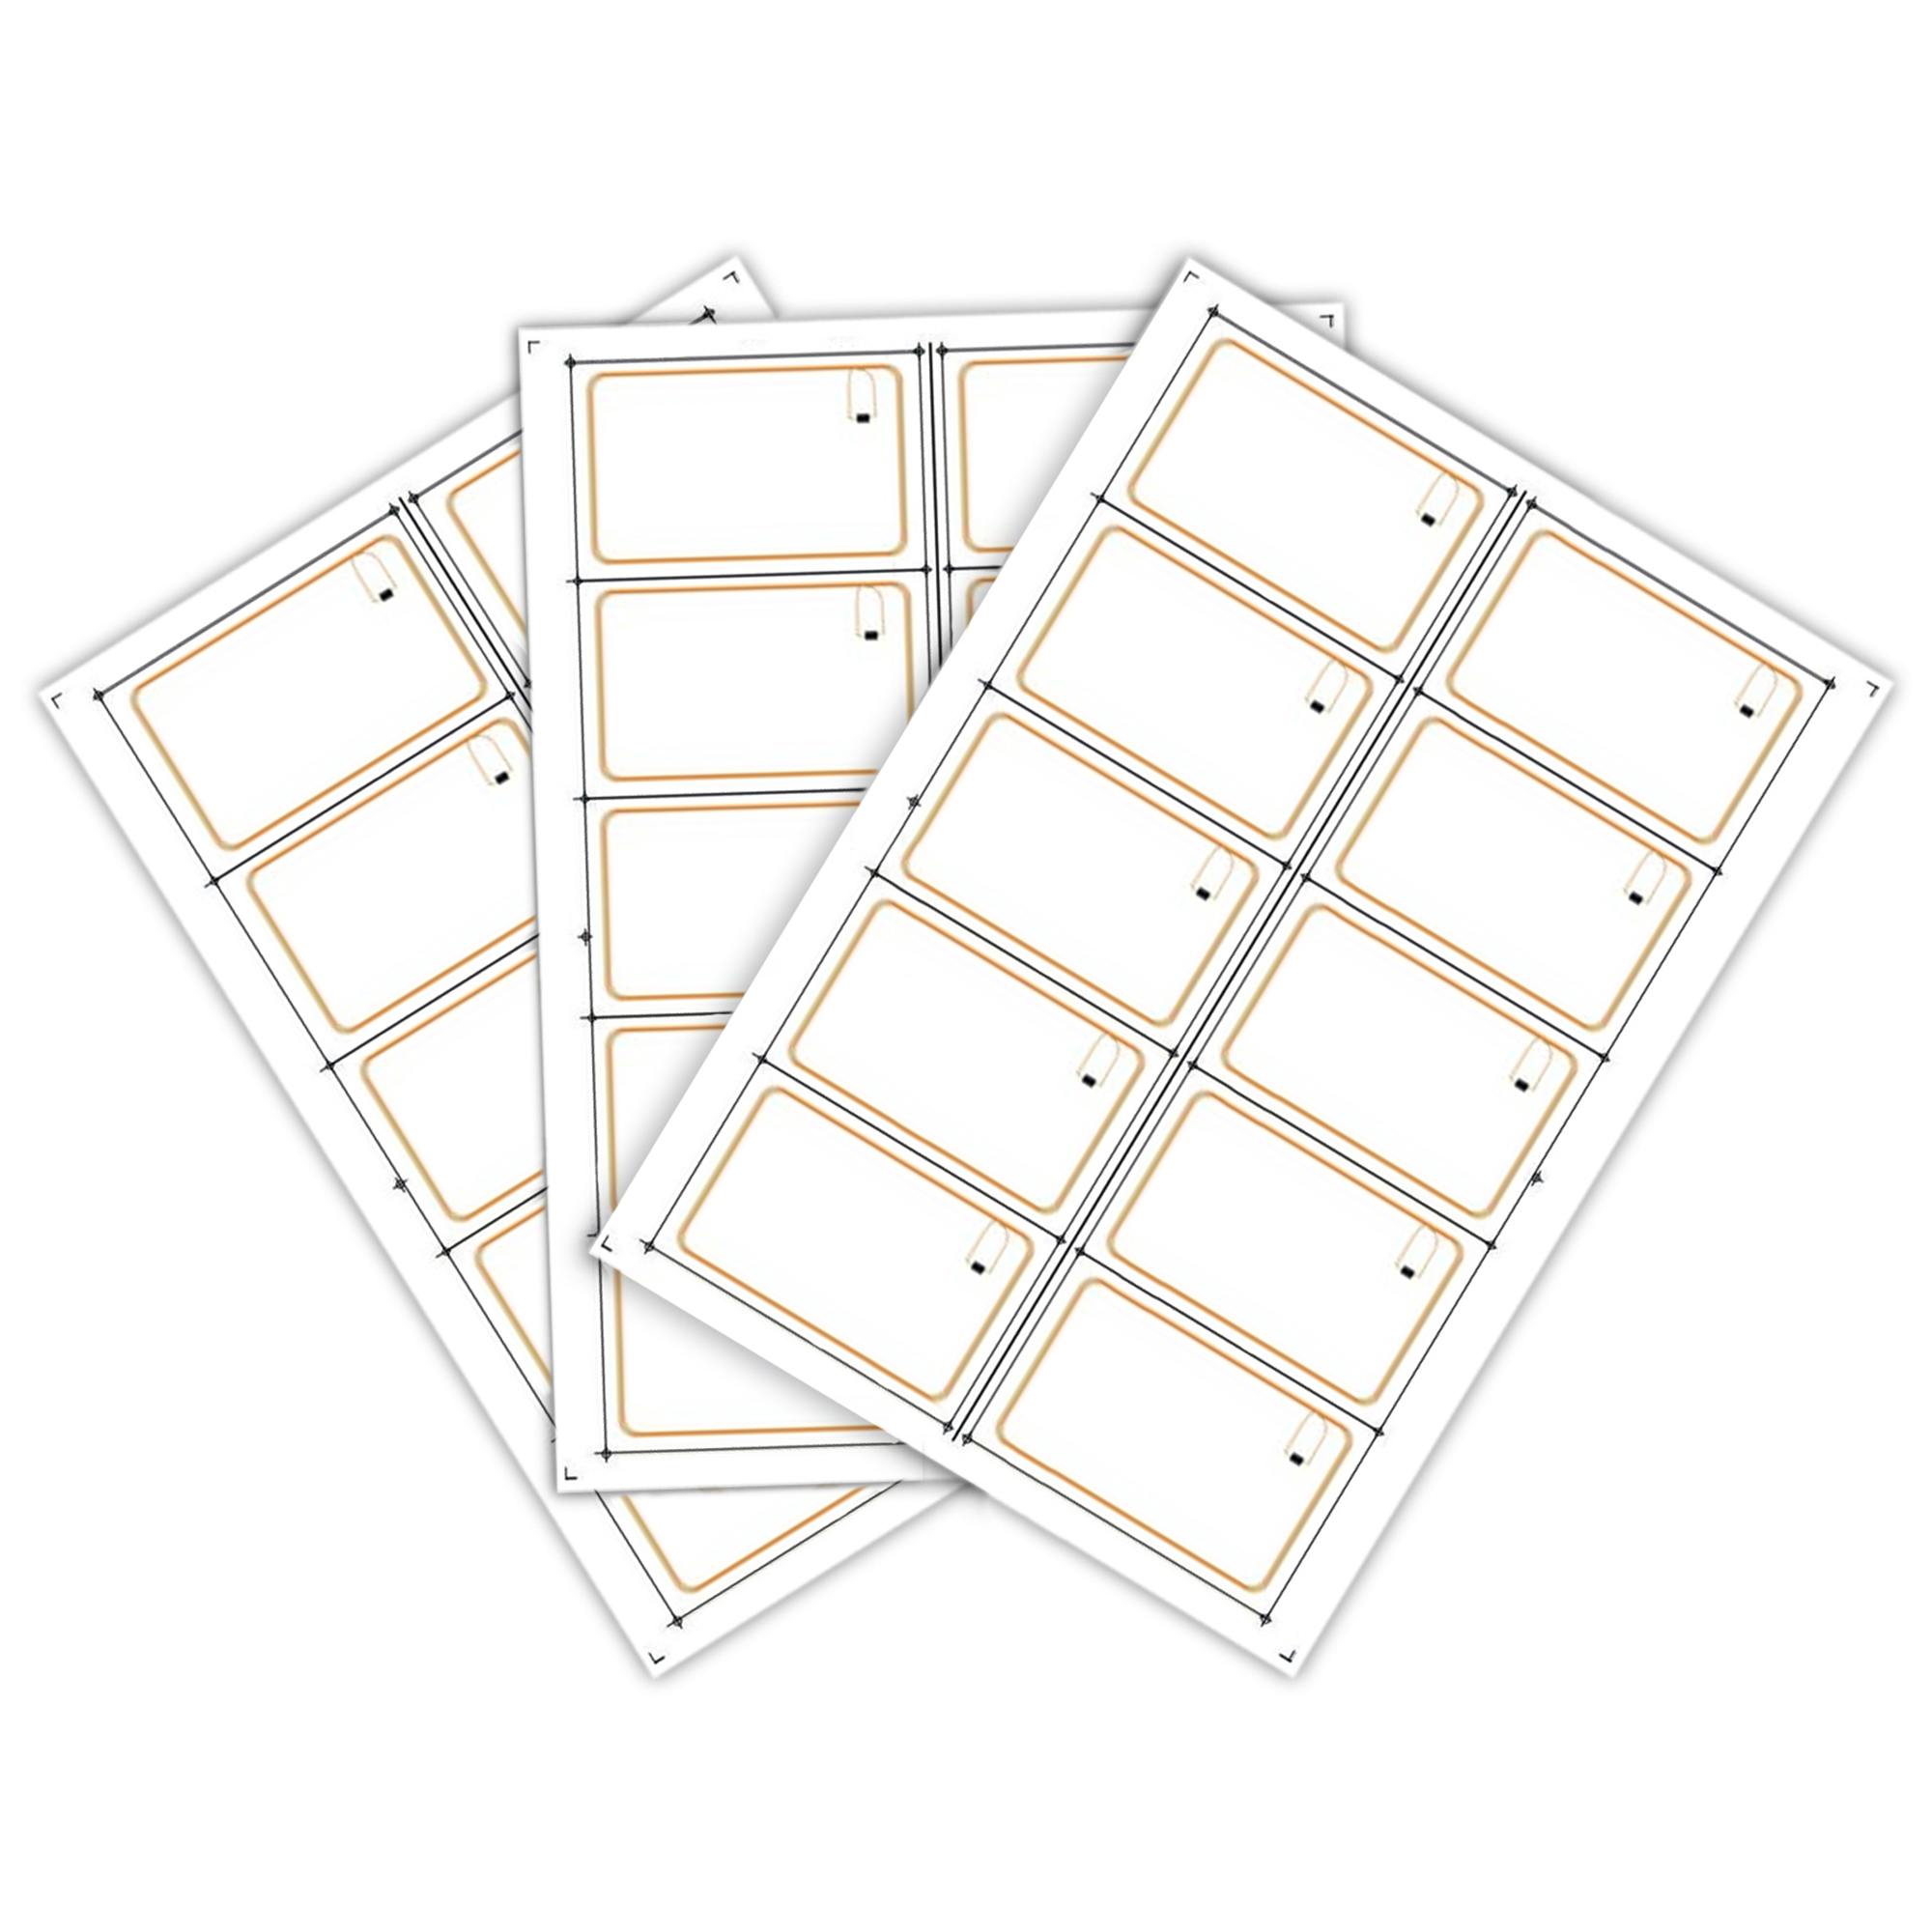 Mifare Ultralight C сырье (инлей) для производства бесконтактных пластиковых rfid-карт с чипом (10 чипов на листе формата A4)